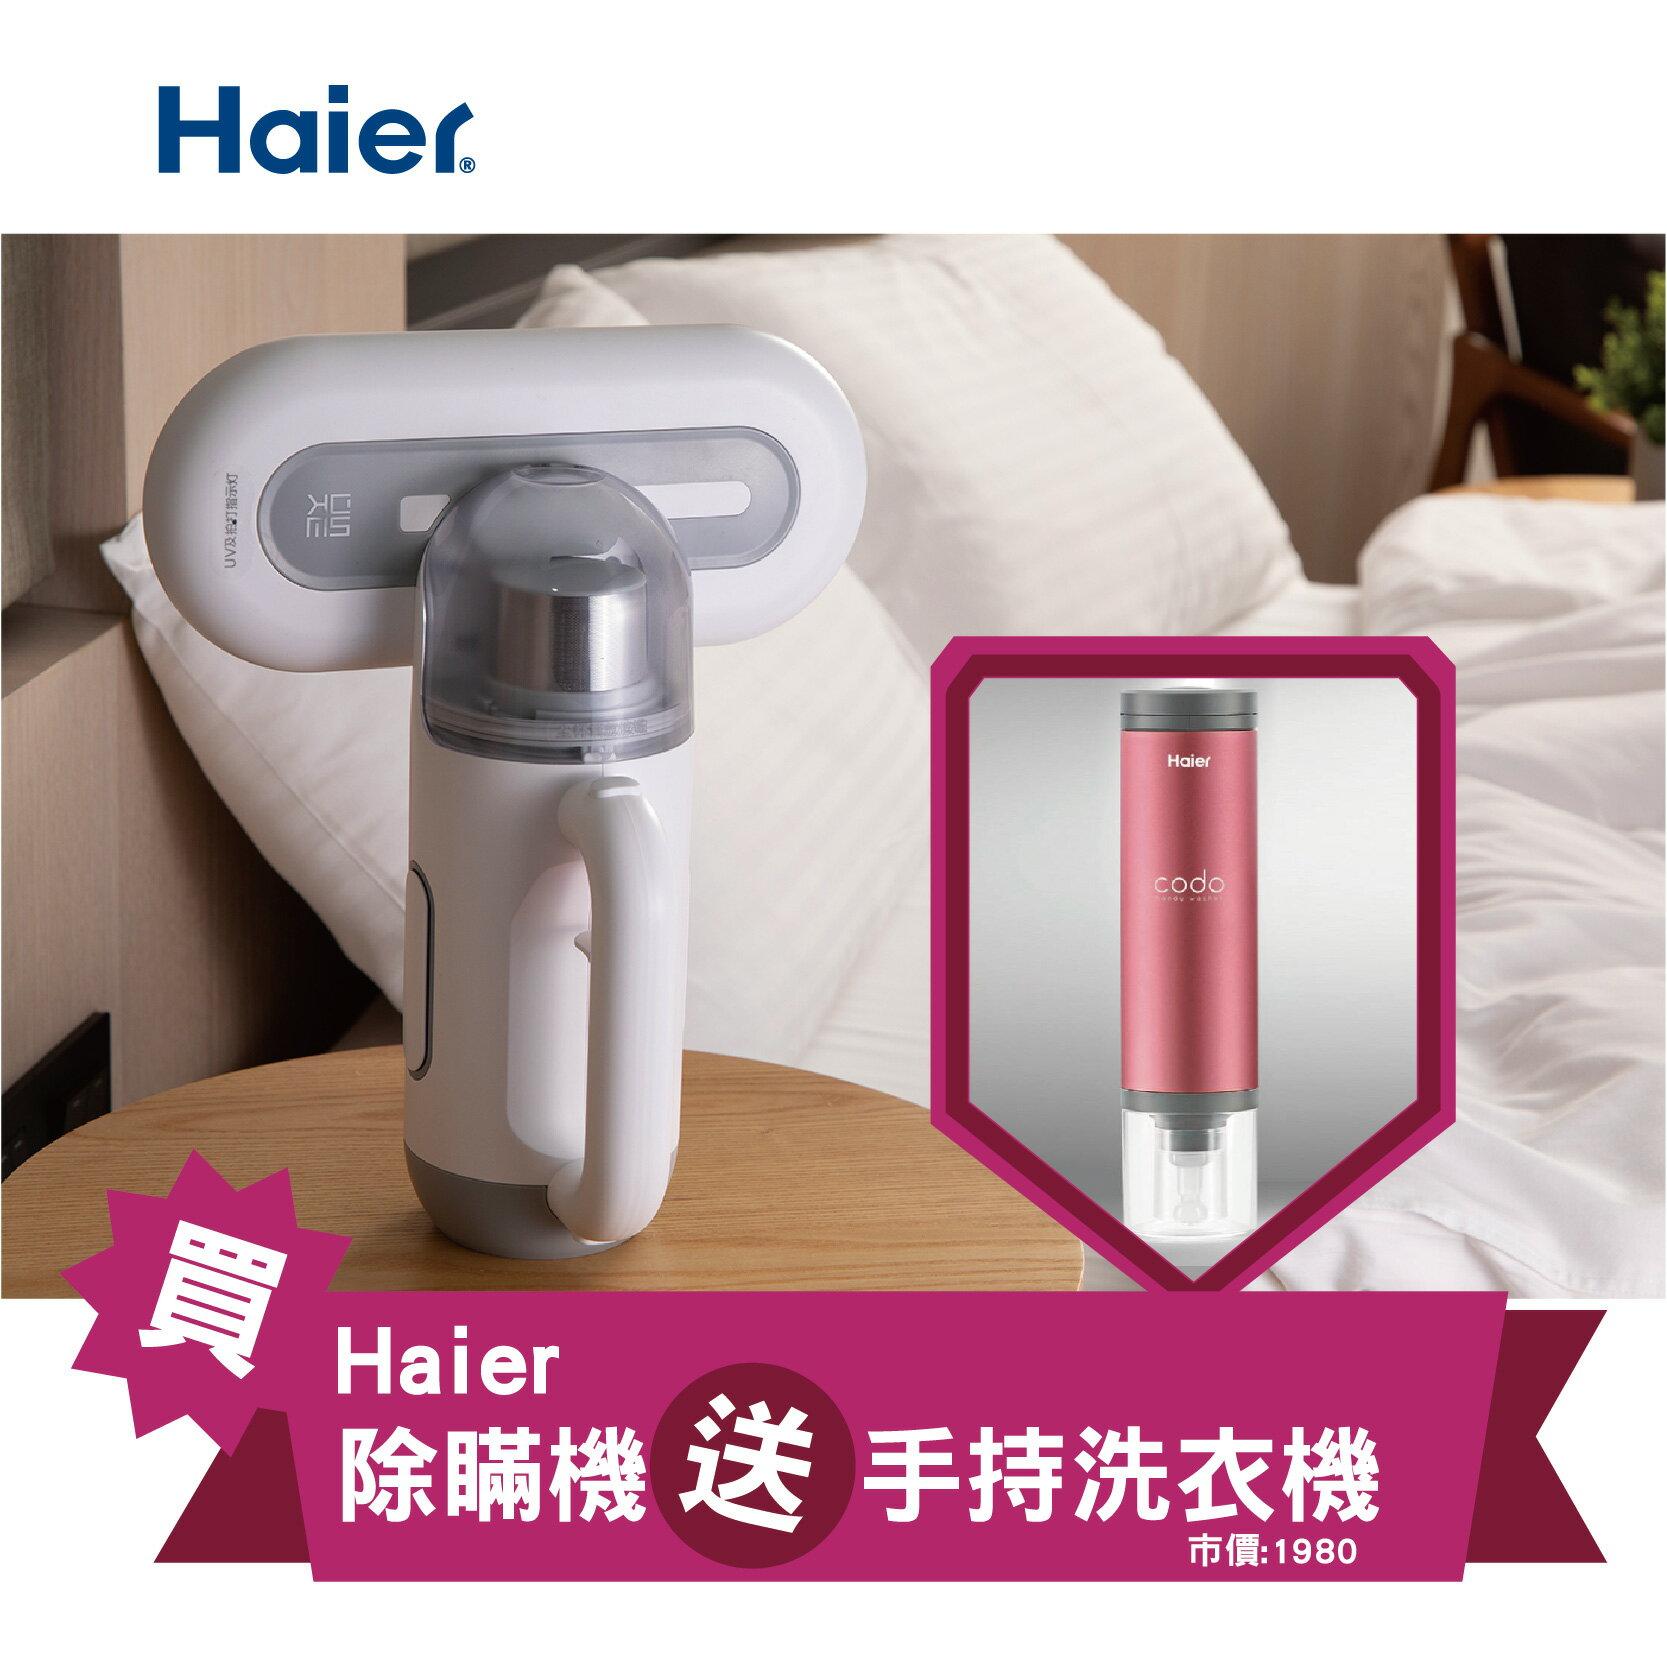 【海爾 Haier】手持式除螨吸塵器☆限時買即贈Haier手持洗衣機☆ 0